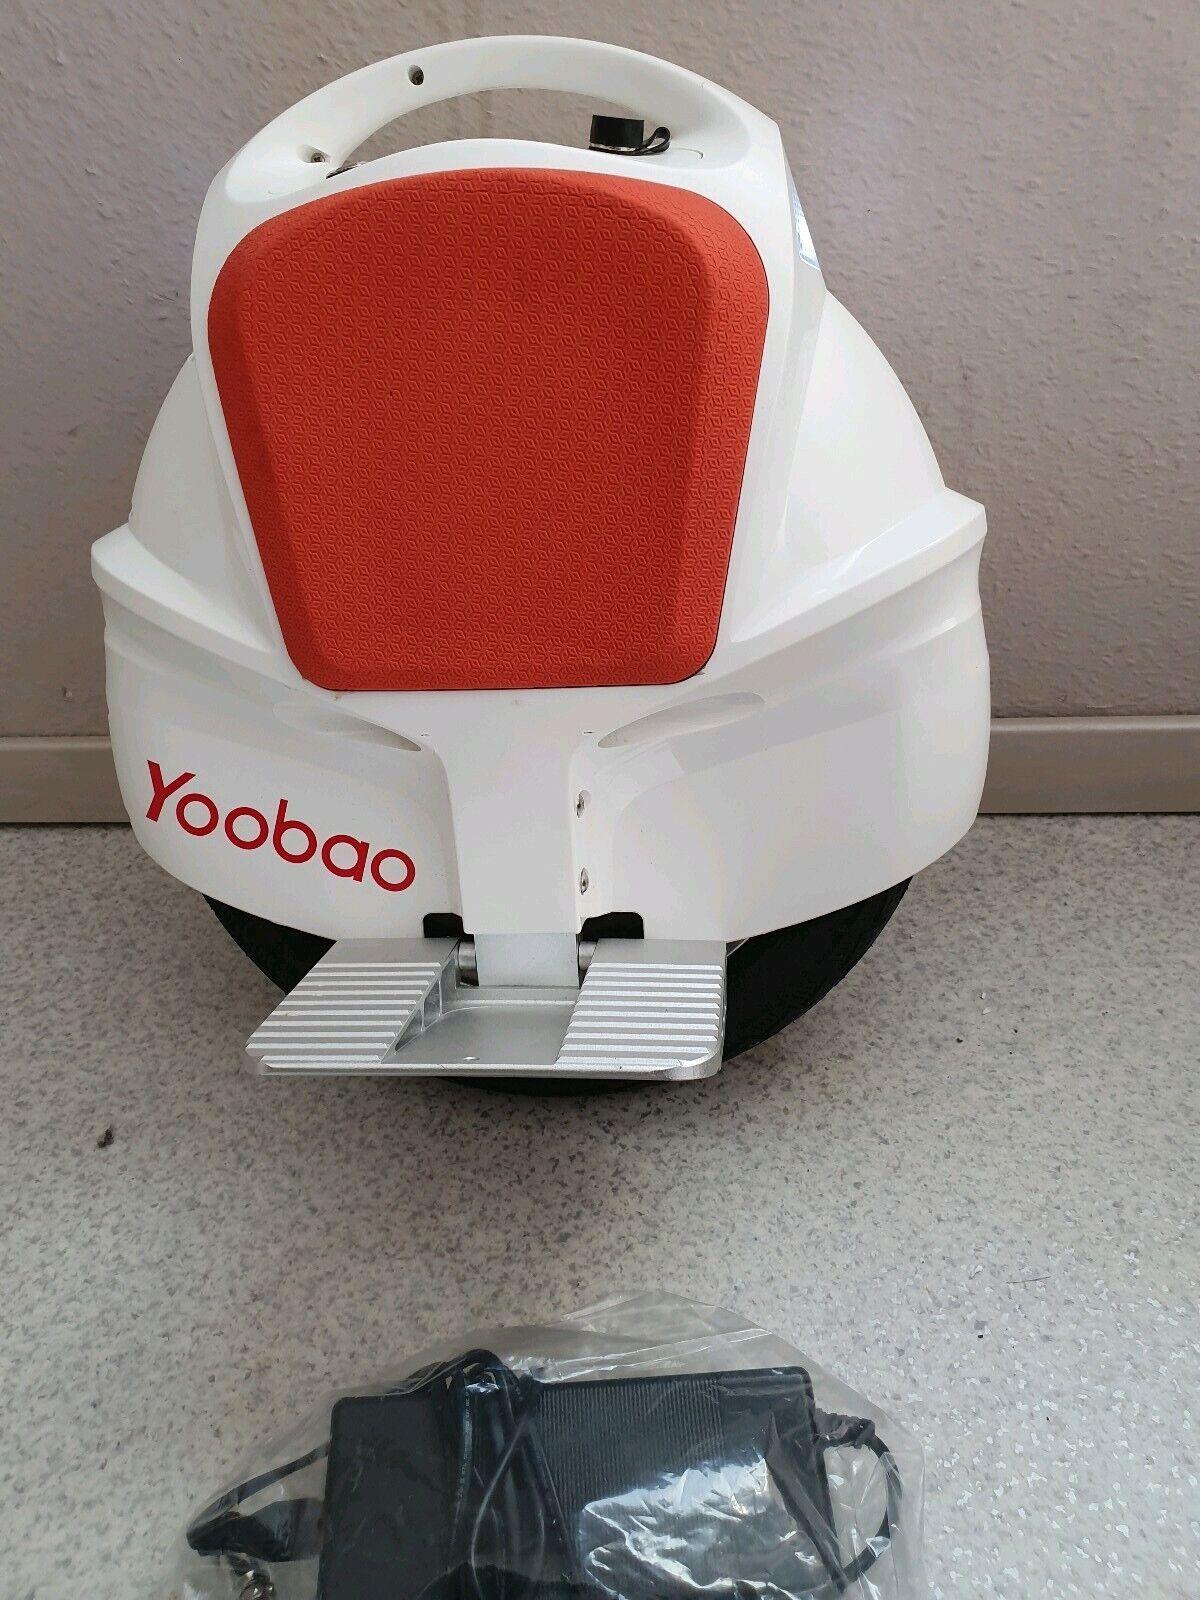 YOOBAO scooter eléctrico con Cochegador. Nuevo precio  499 euros  tienda en linea